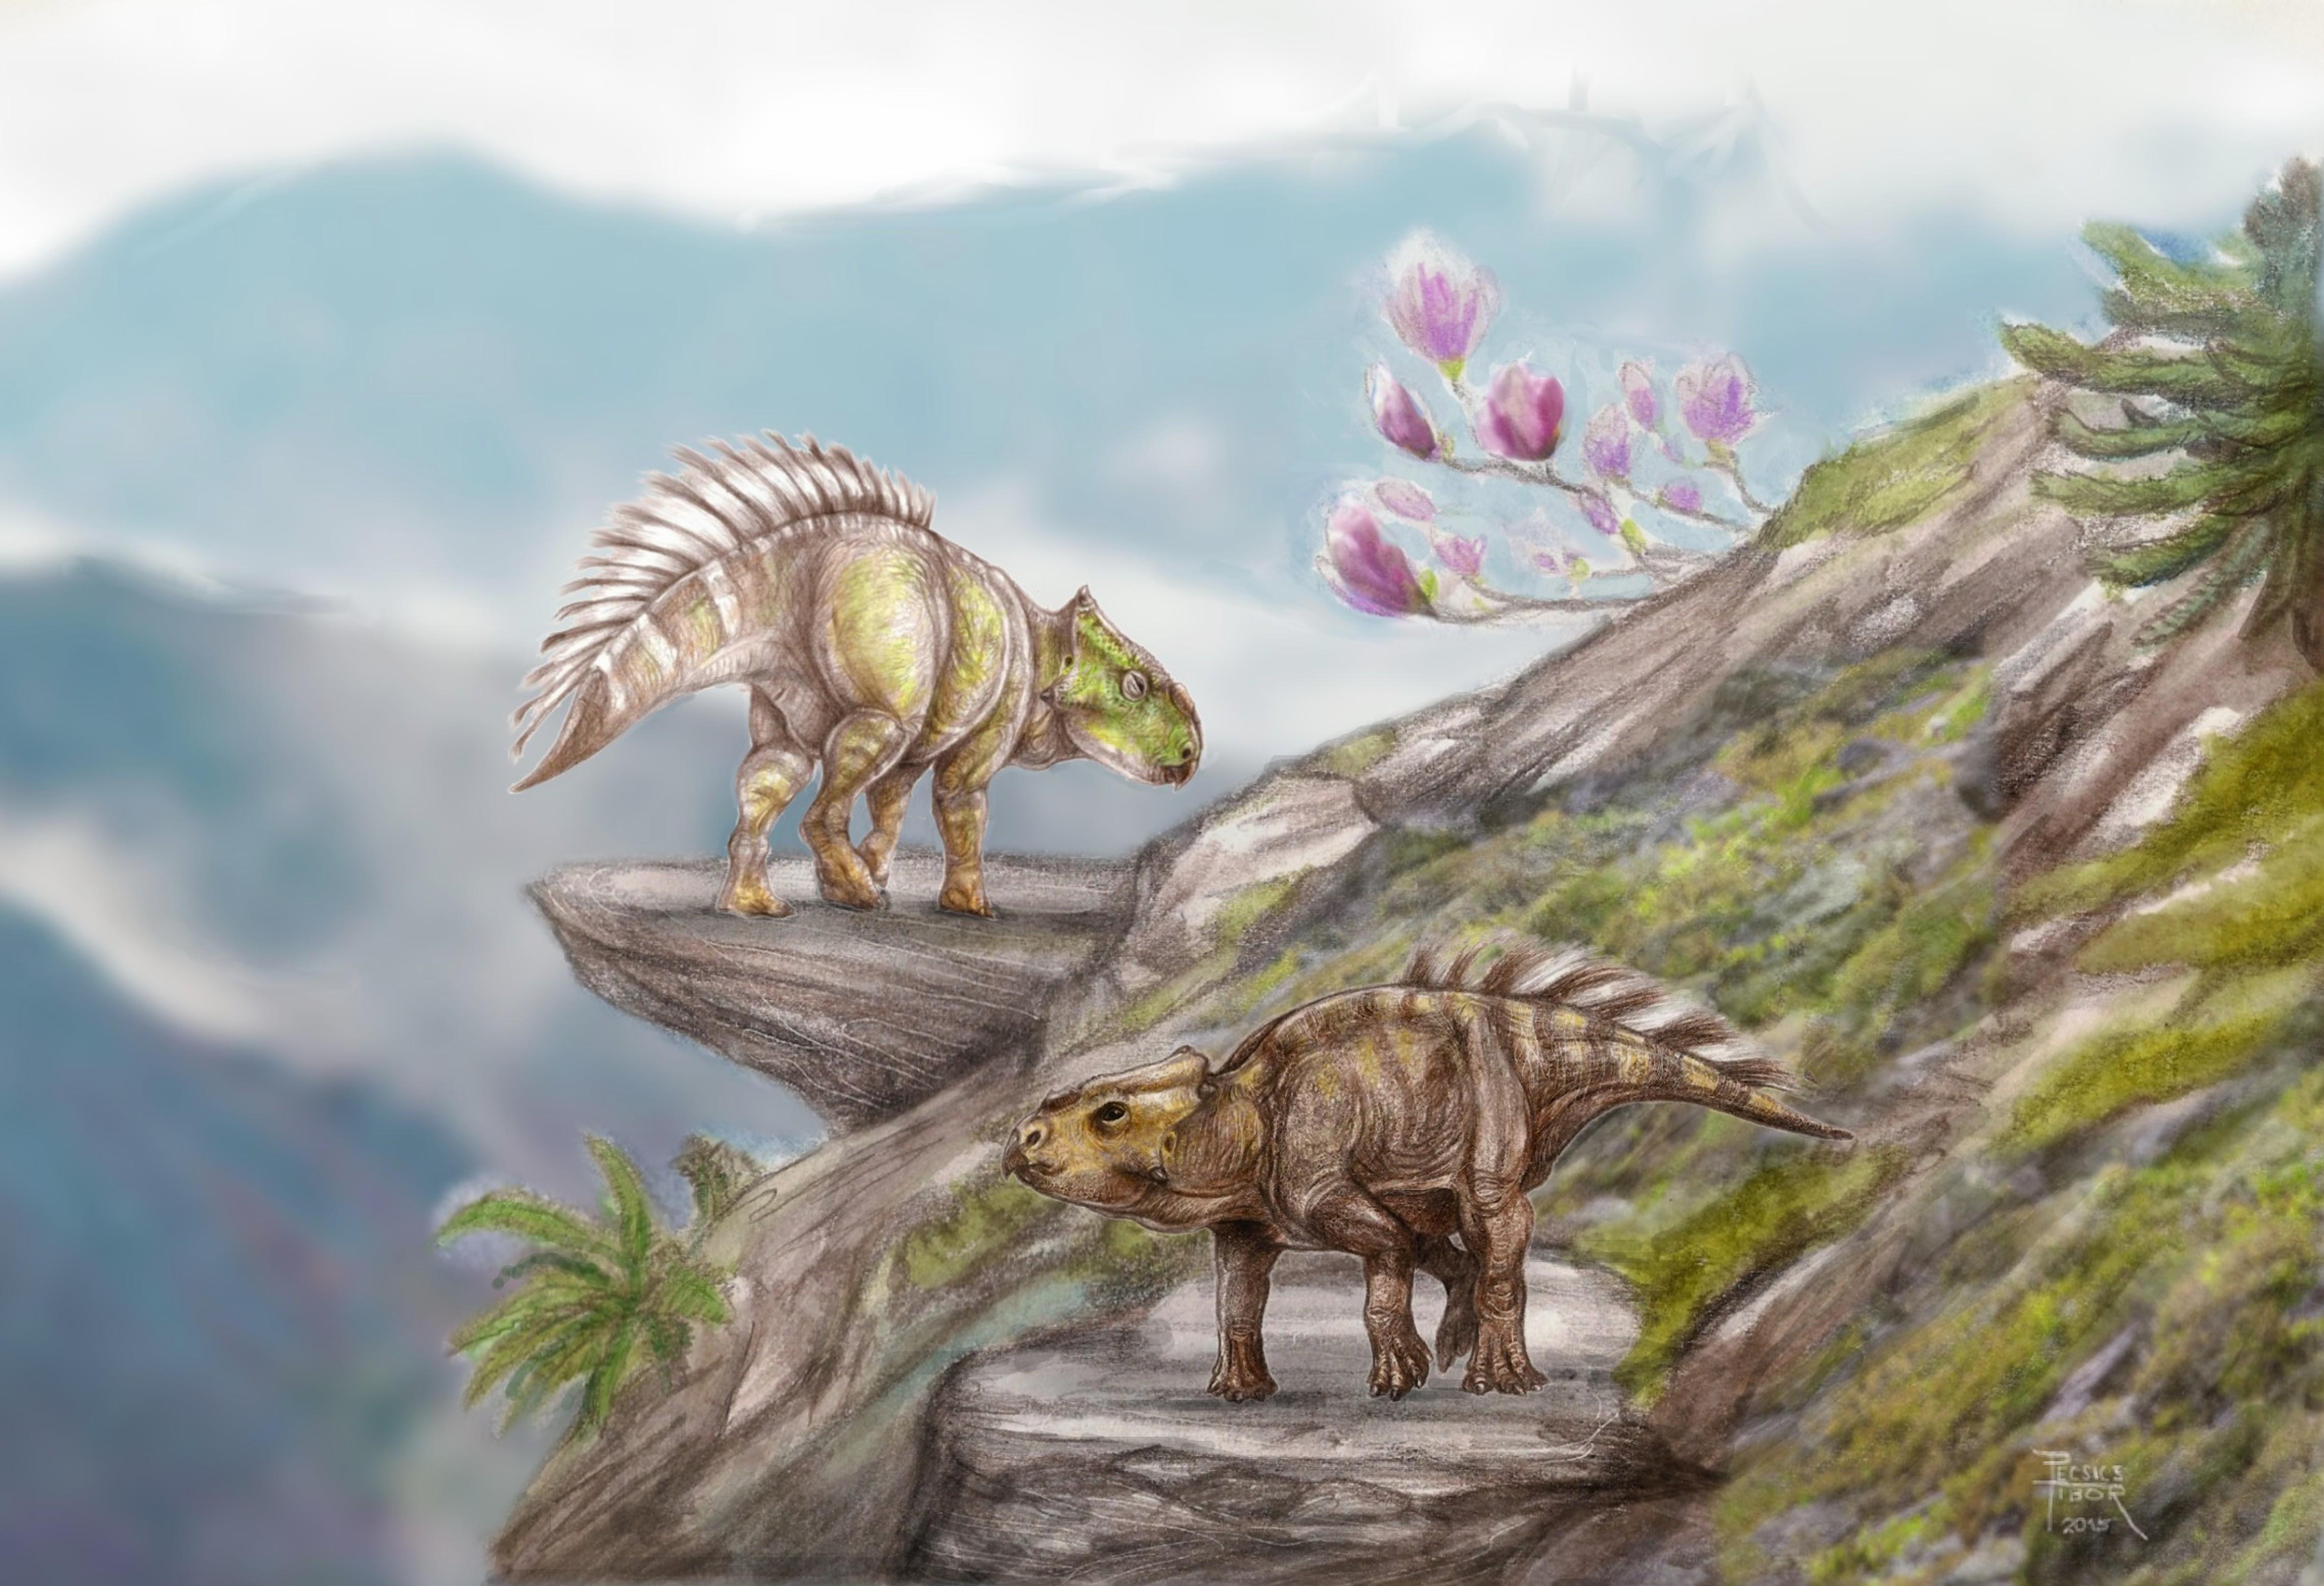 ajkaceratops_pecsics_tibor.JPG